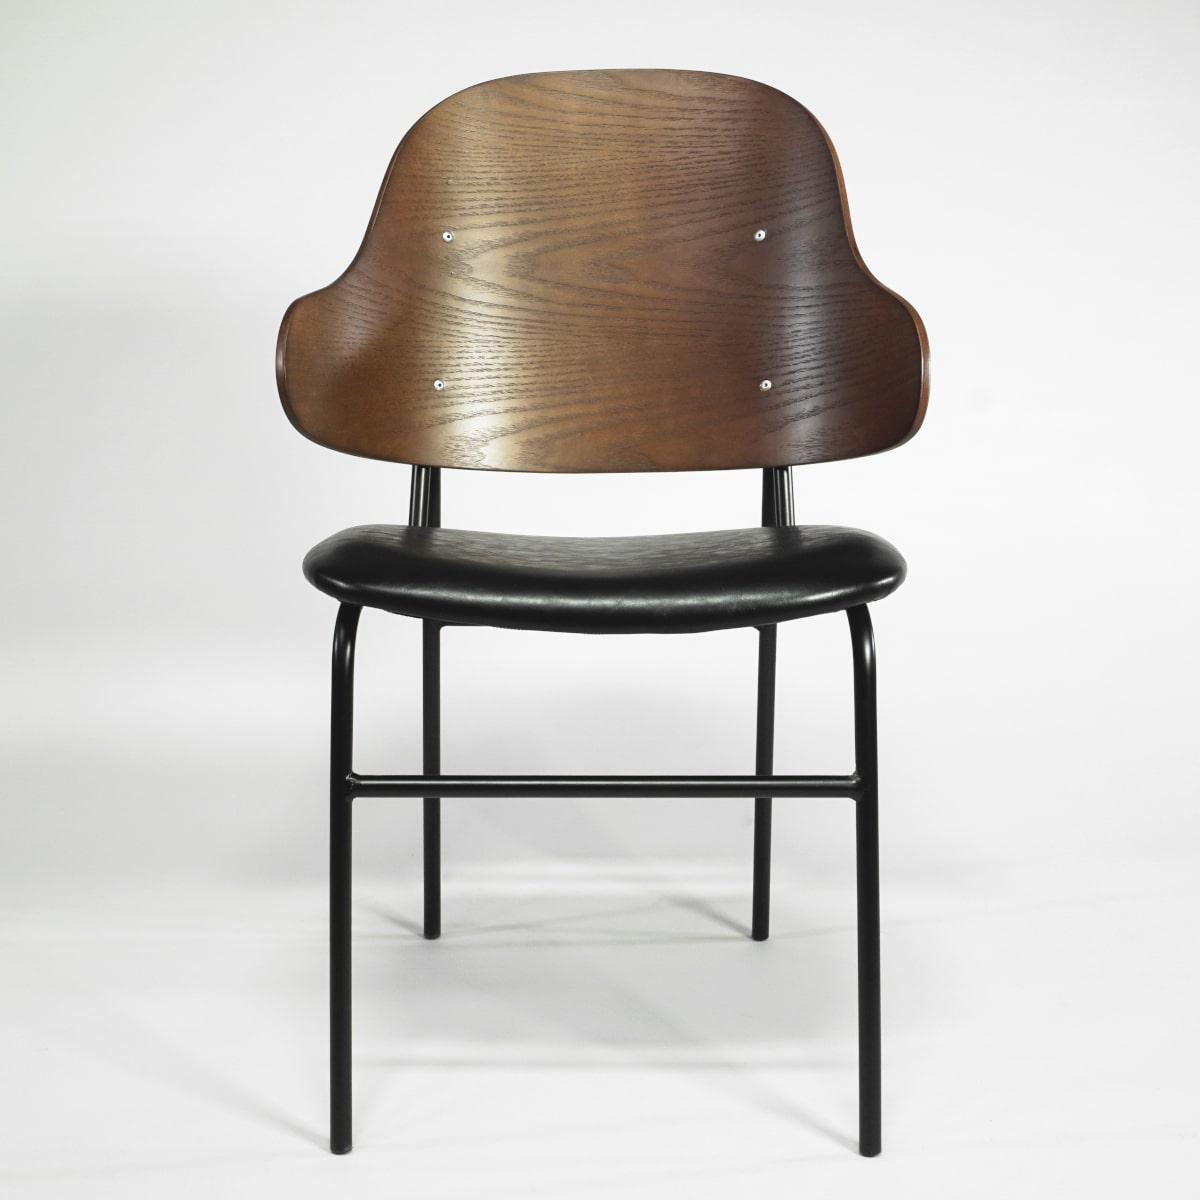 Gastrostuhl aus Holz und Metall gepolstert Vintage